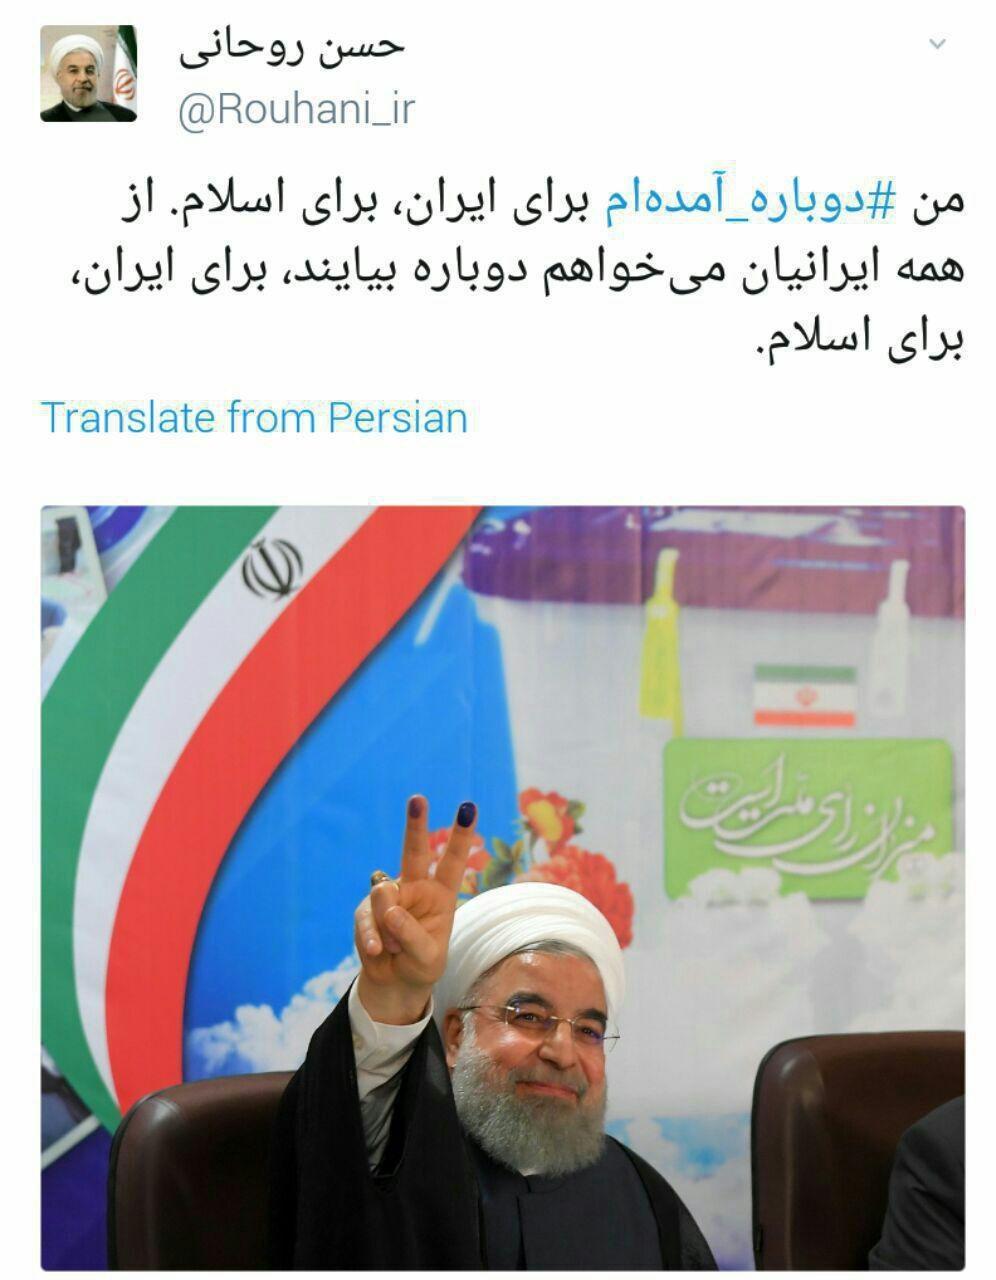 تصویر و توئیت معنادار حسن روحانی